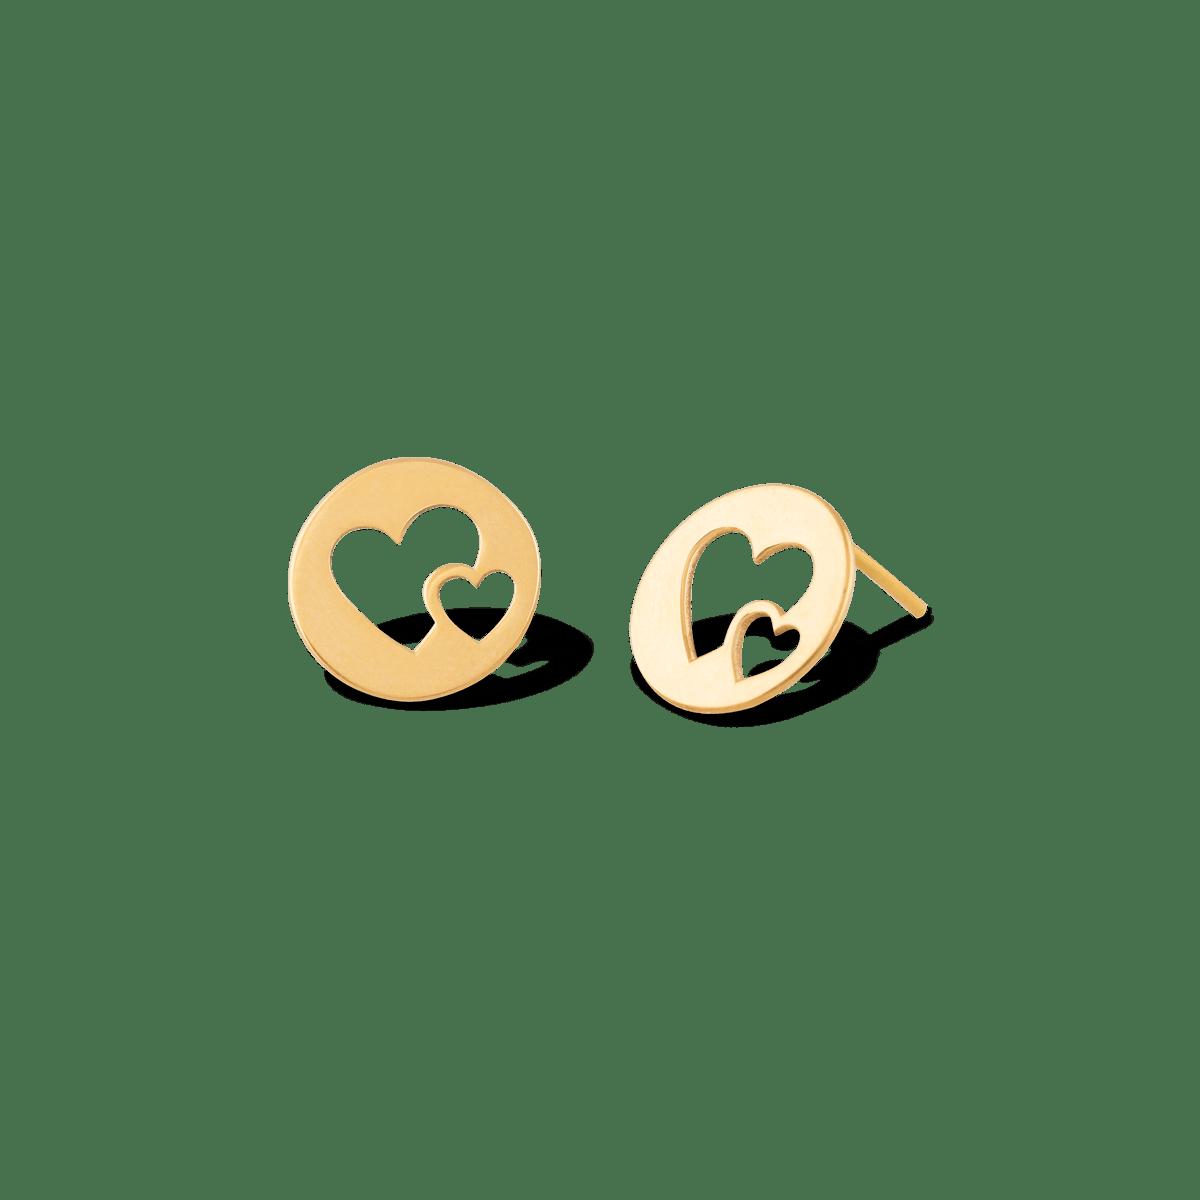 گوشواره طلا دو قلب